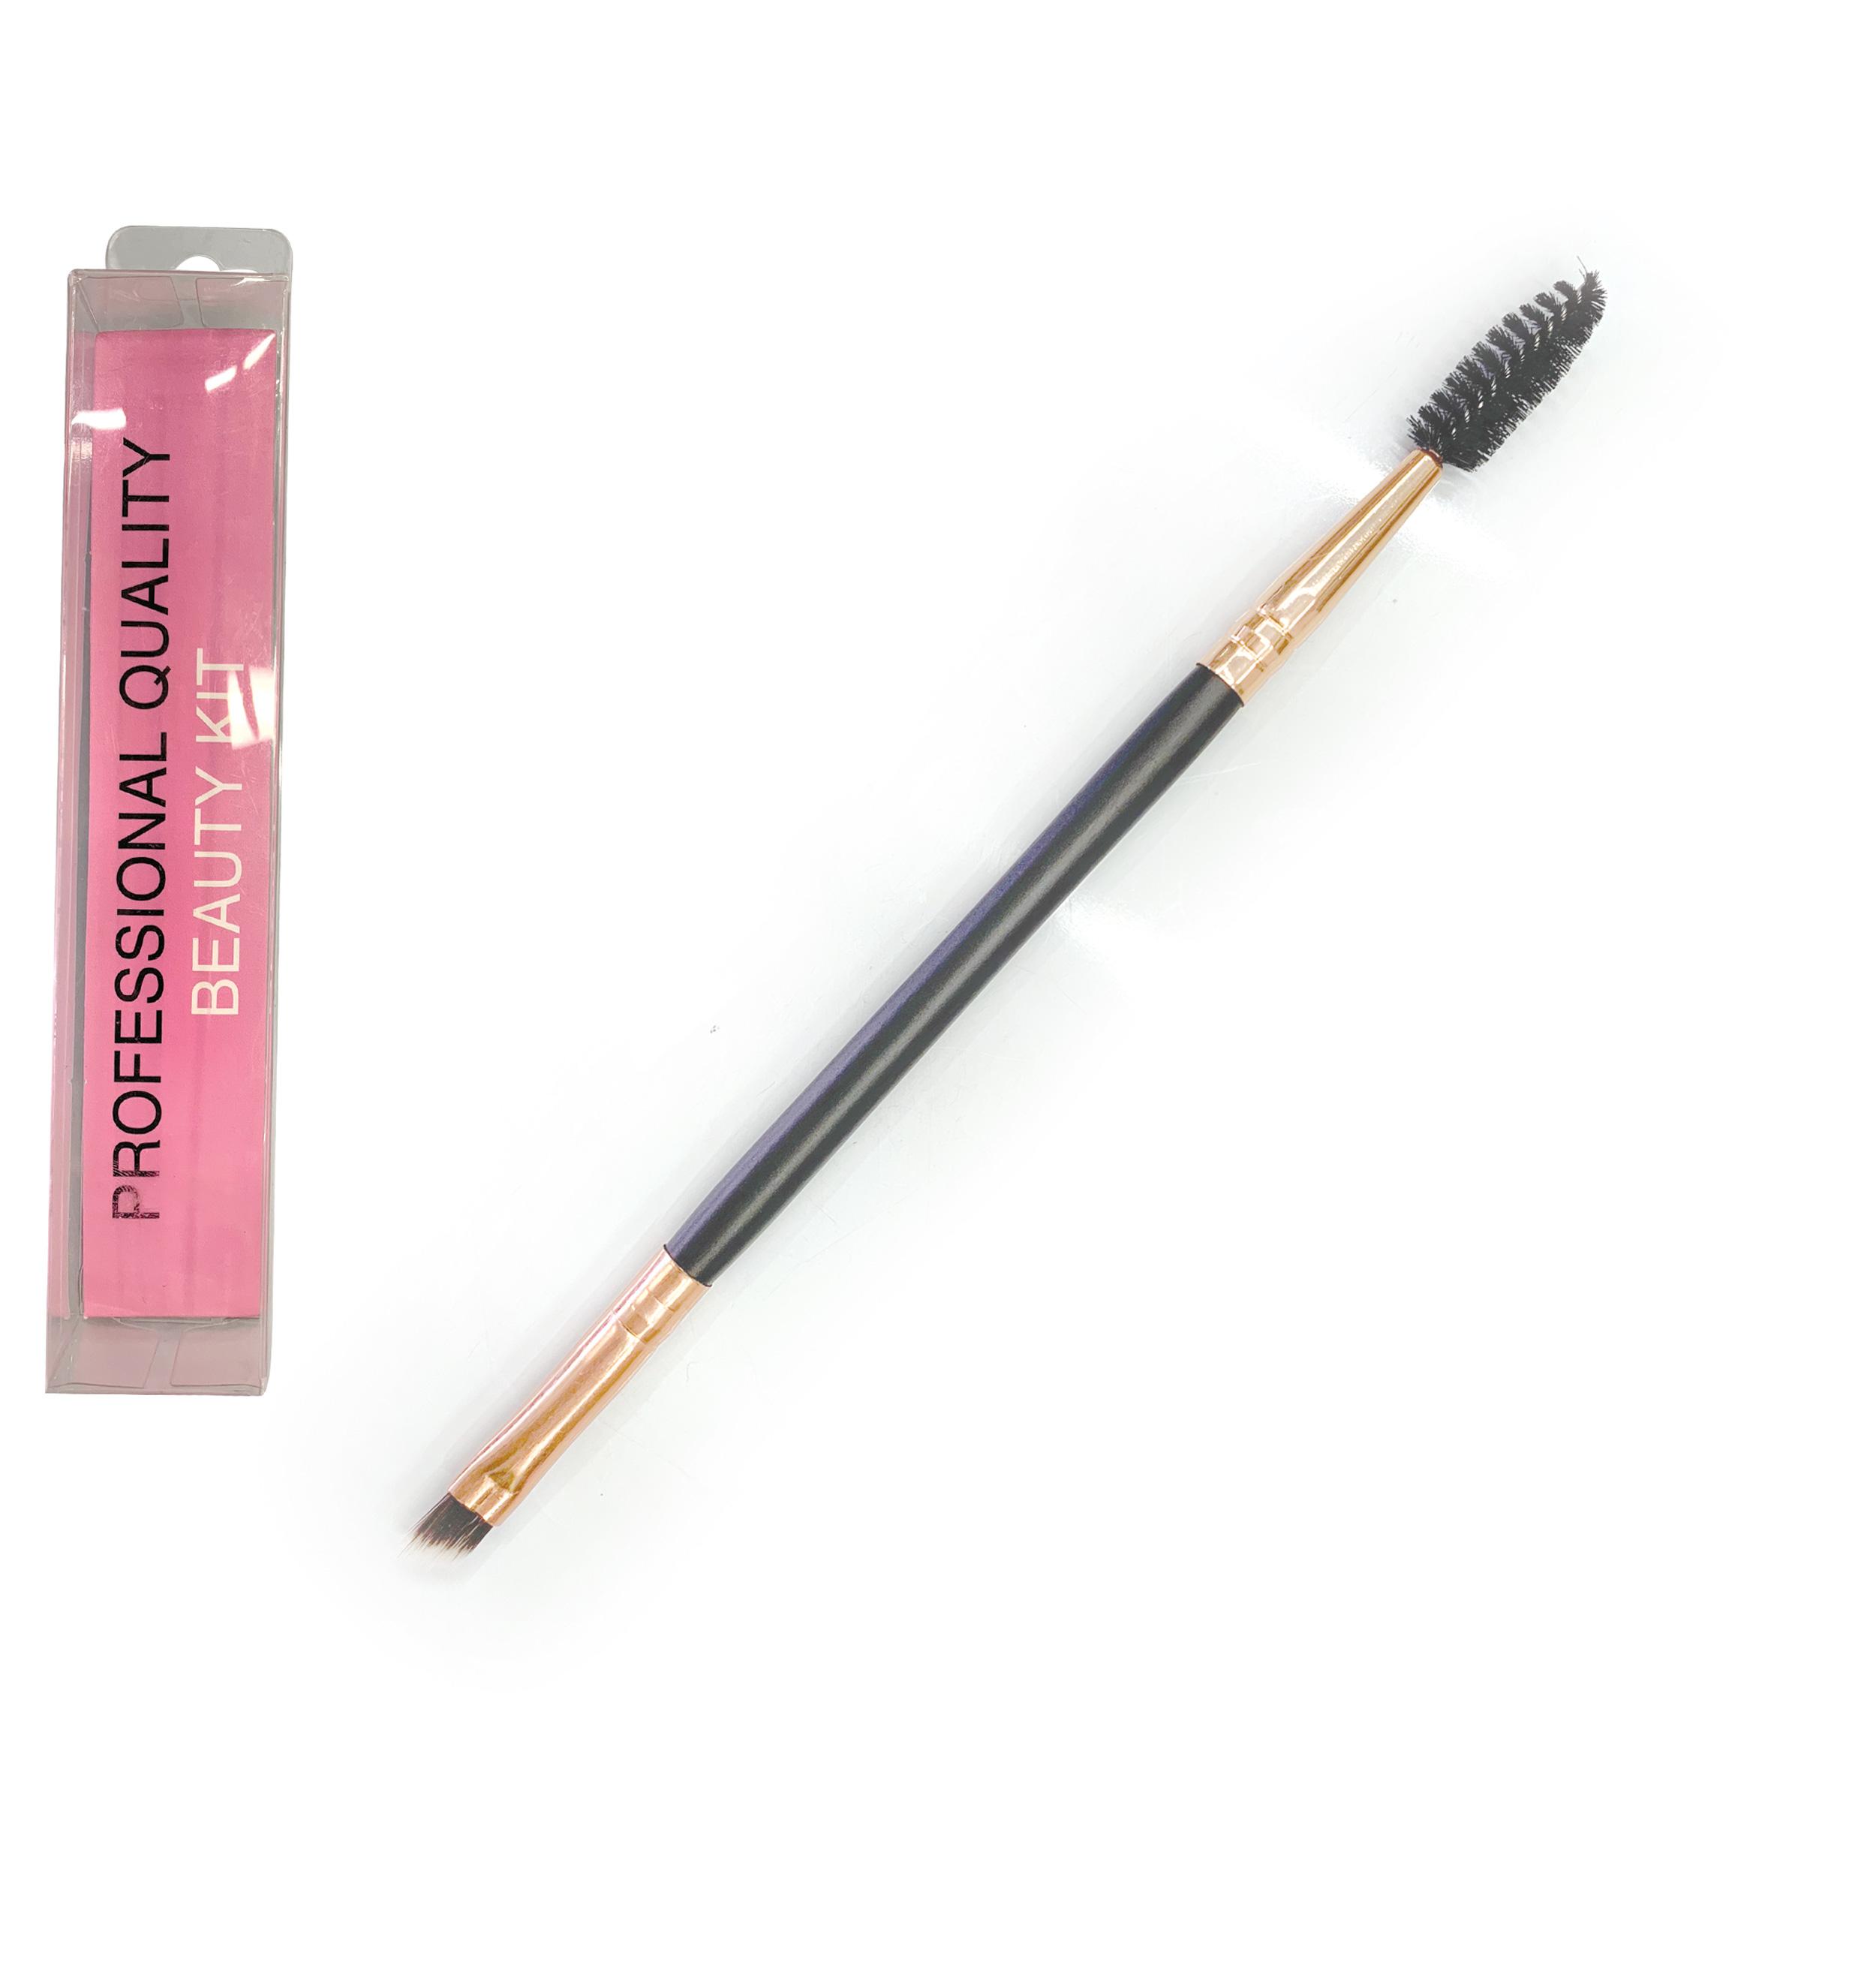 Πινέλο διπλής όψης φρυδιών - eye liner 17cm